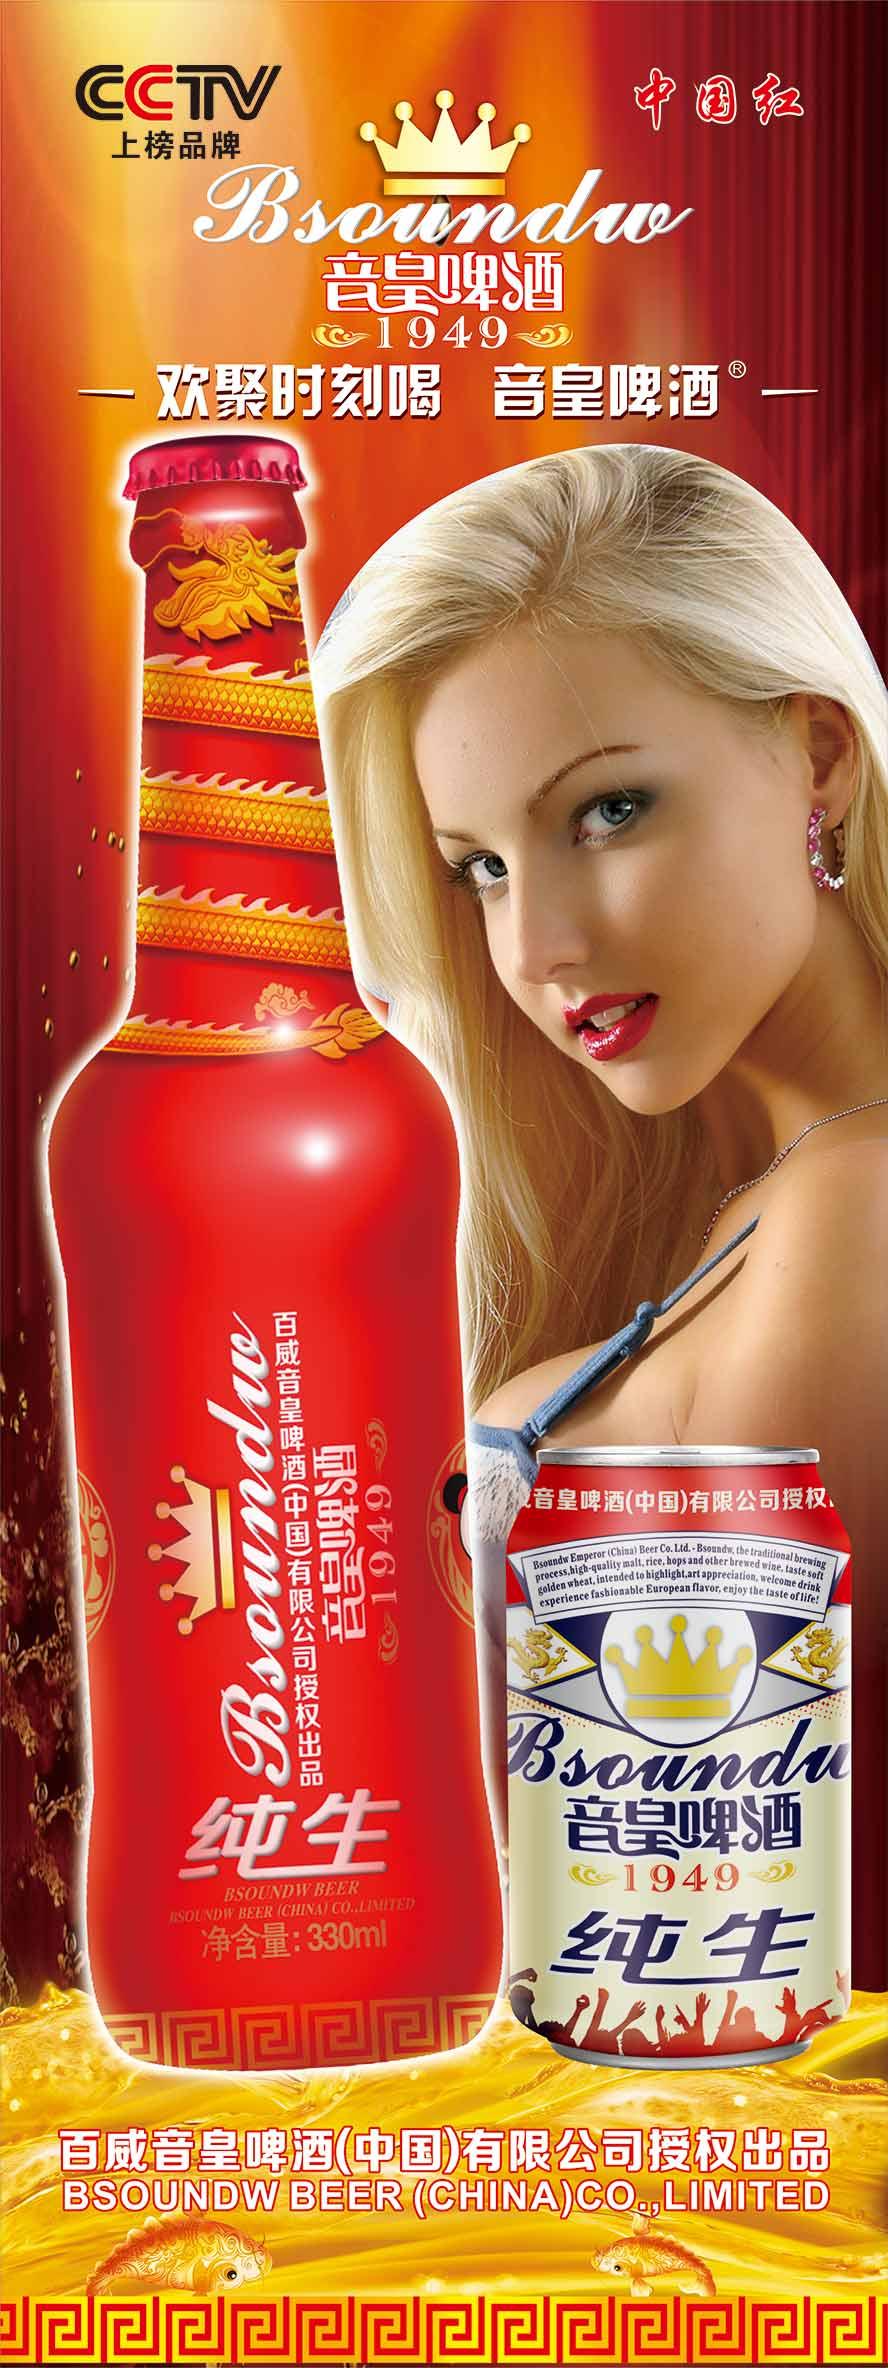 百威音皇啤酒()有限公司